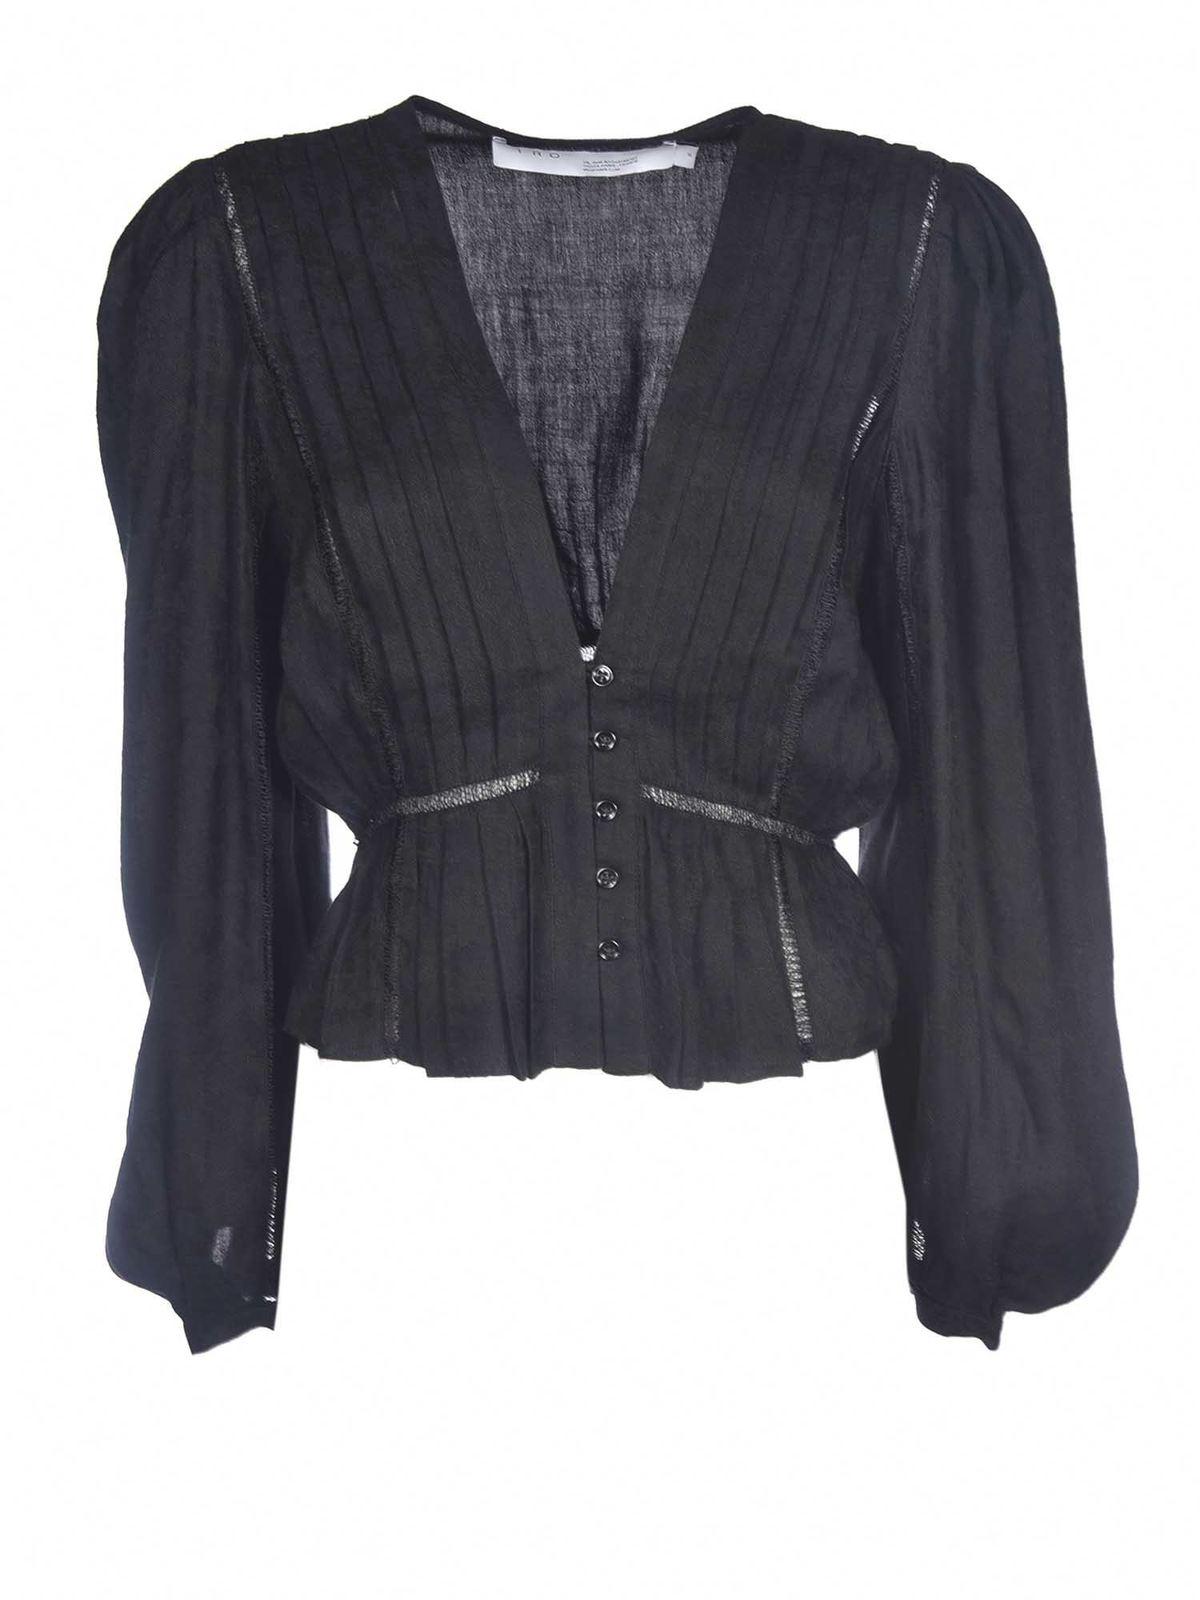 Iro Linens CHIRA SHIRT IN BLACK